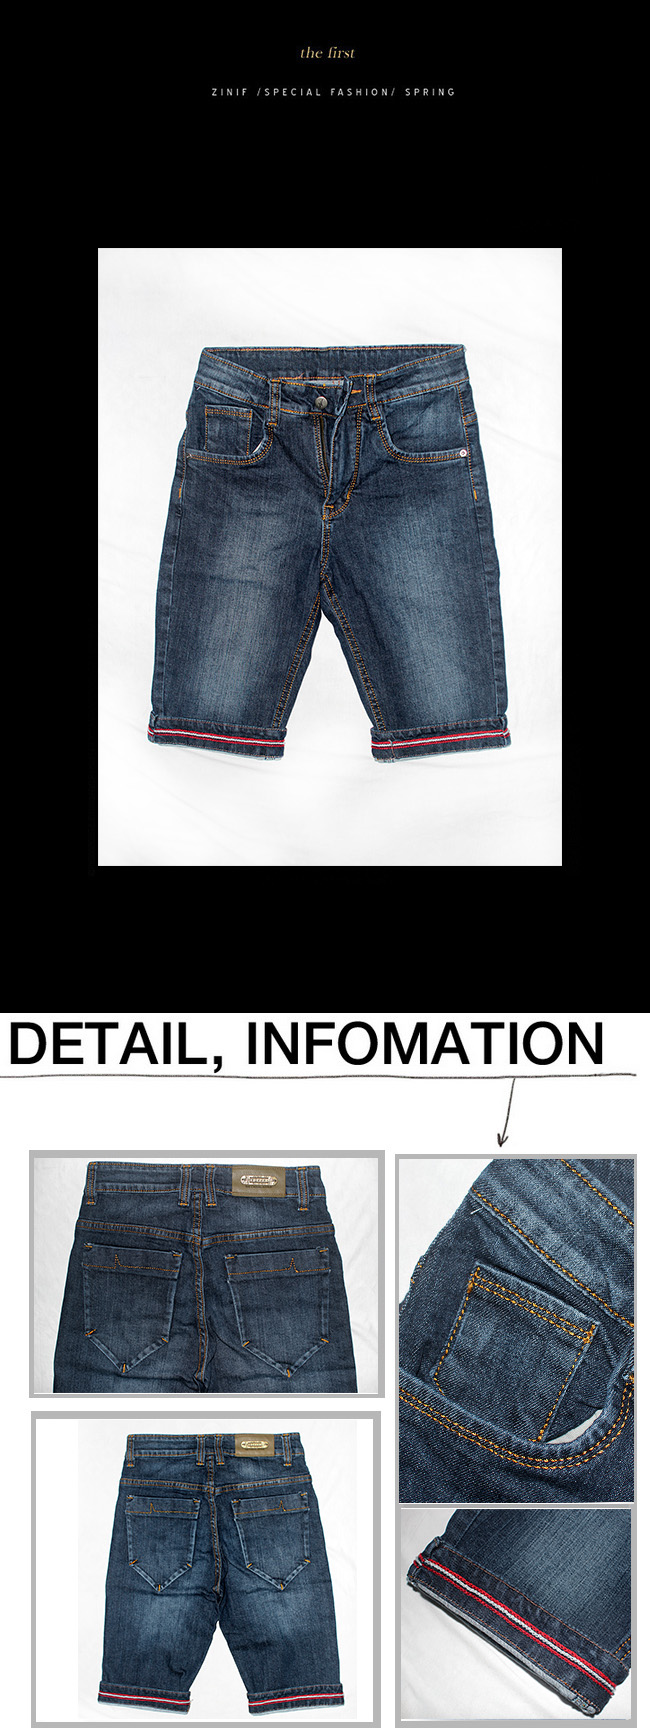 Quần short jeans xanh đen qs17 - 1